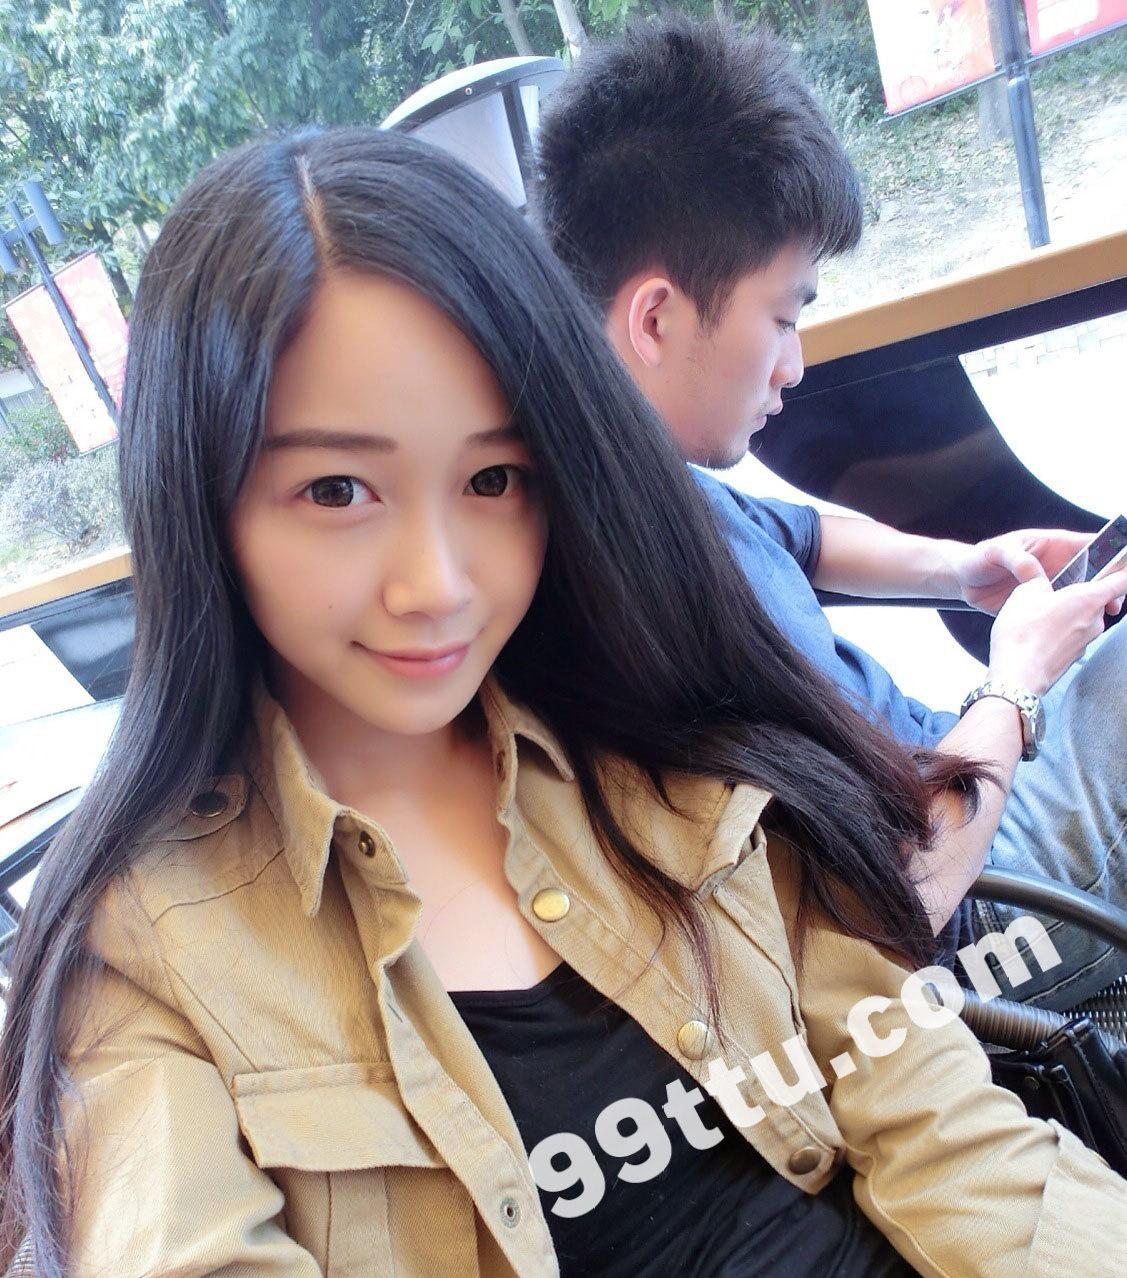 KK41 514张 气质时尚美女素颜生活照套图-10